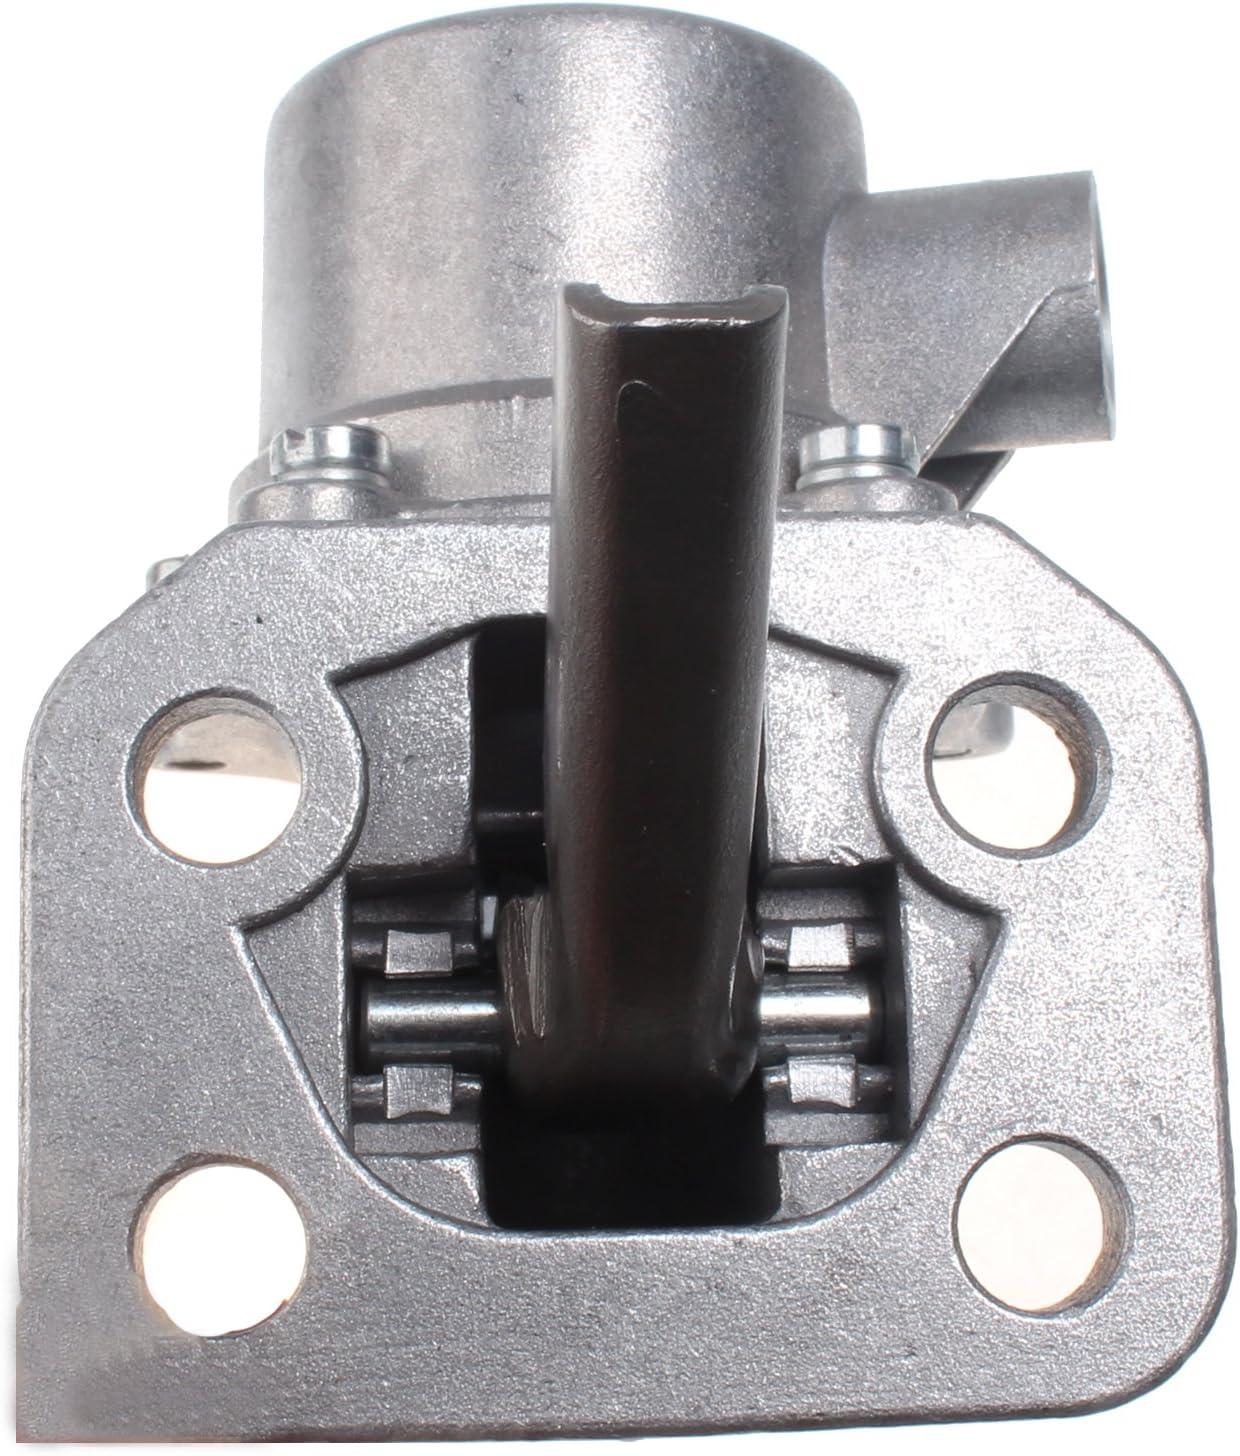 Fuel Lift Pump 17//401800 for JCB 2CX 2DX LE 2CXL 2CX AM LE 505-19 F.M 504B 506B 540 528 AG